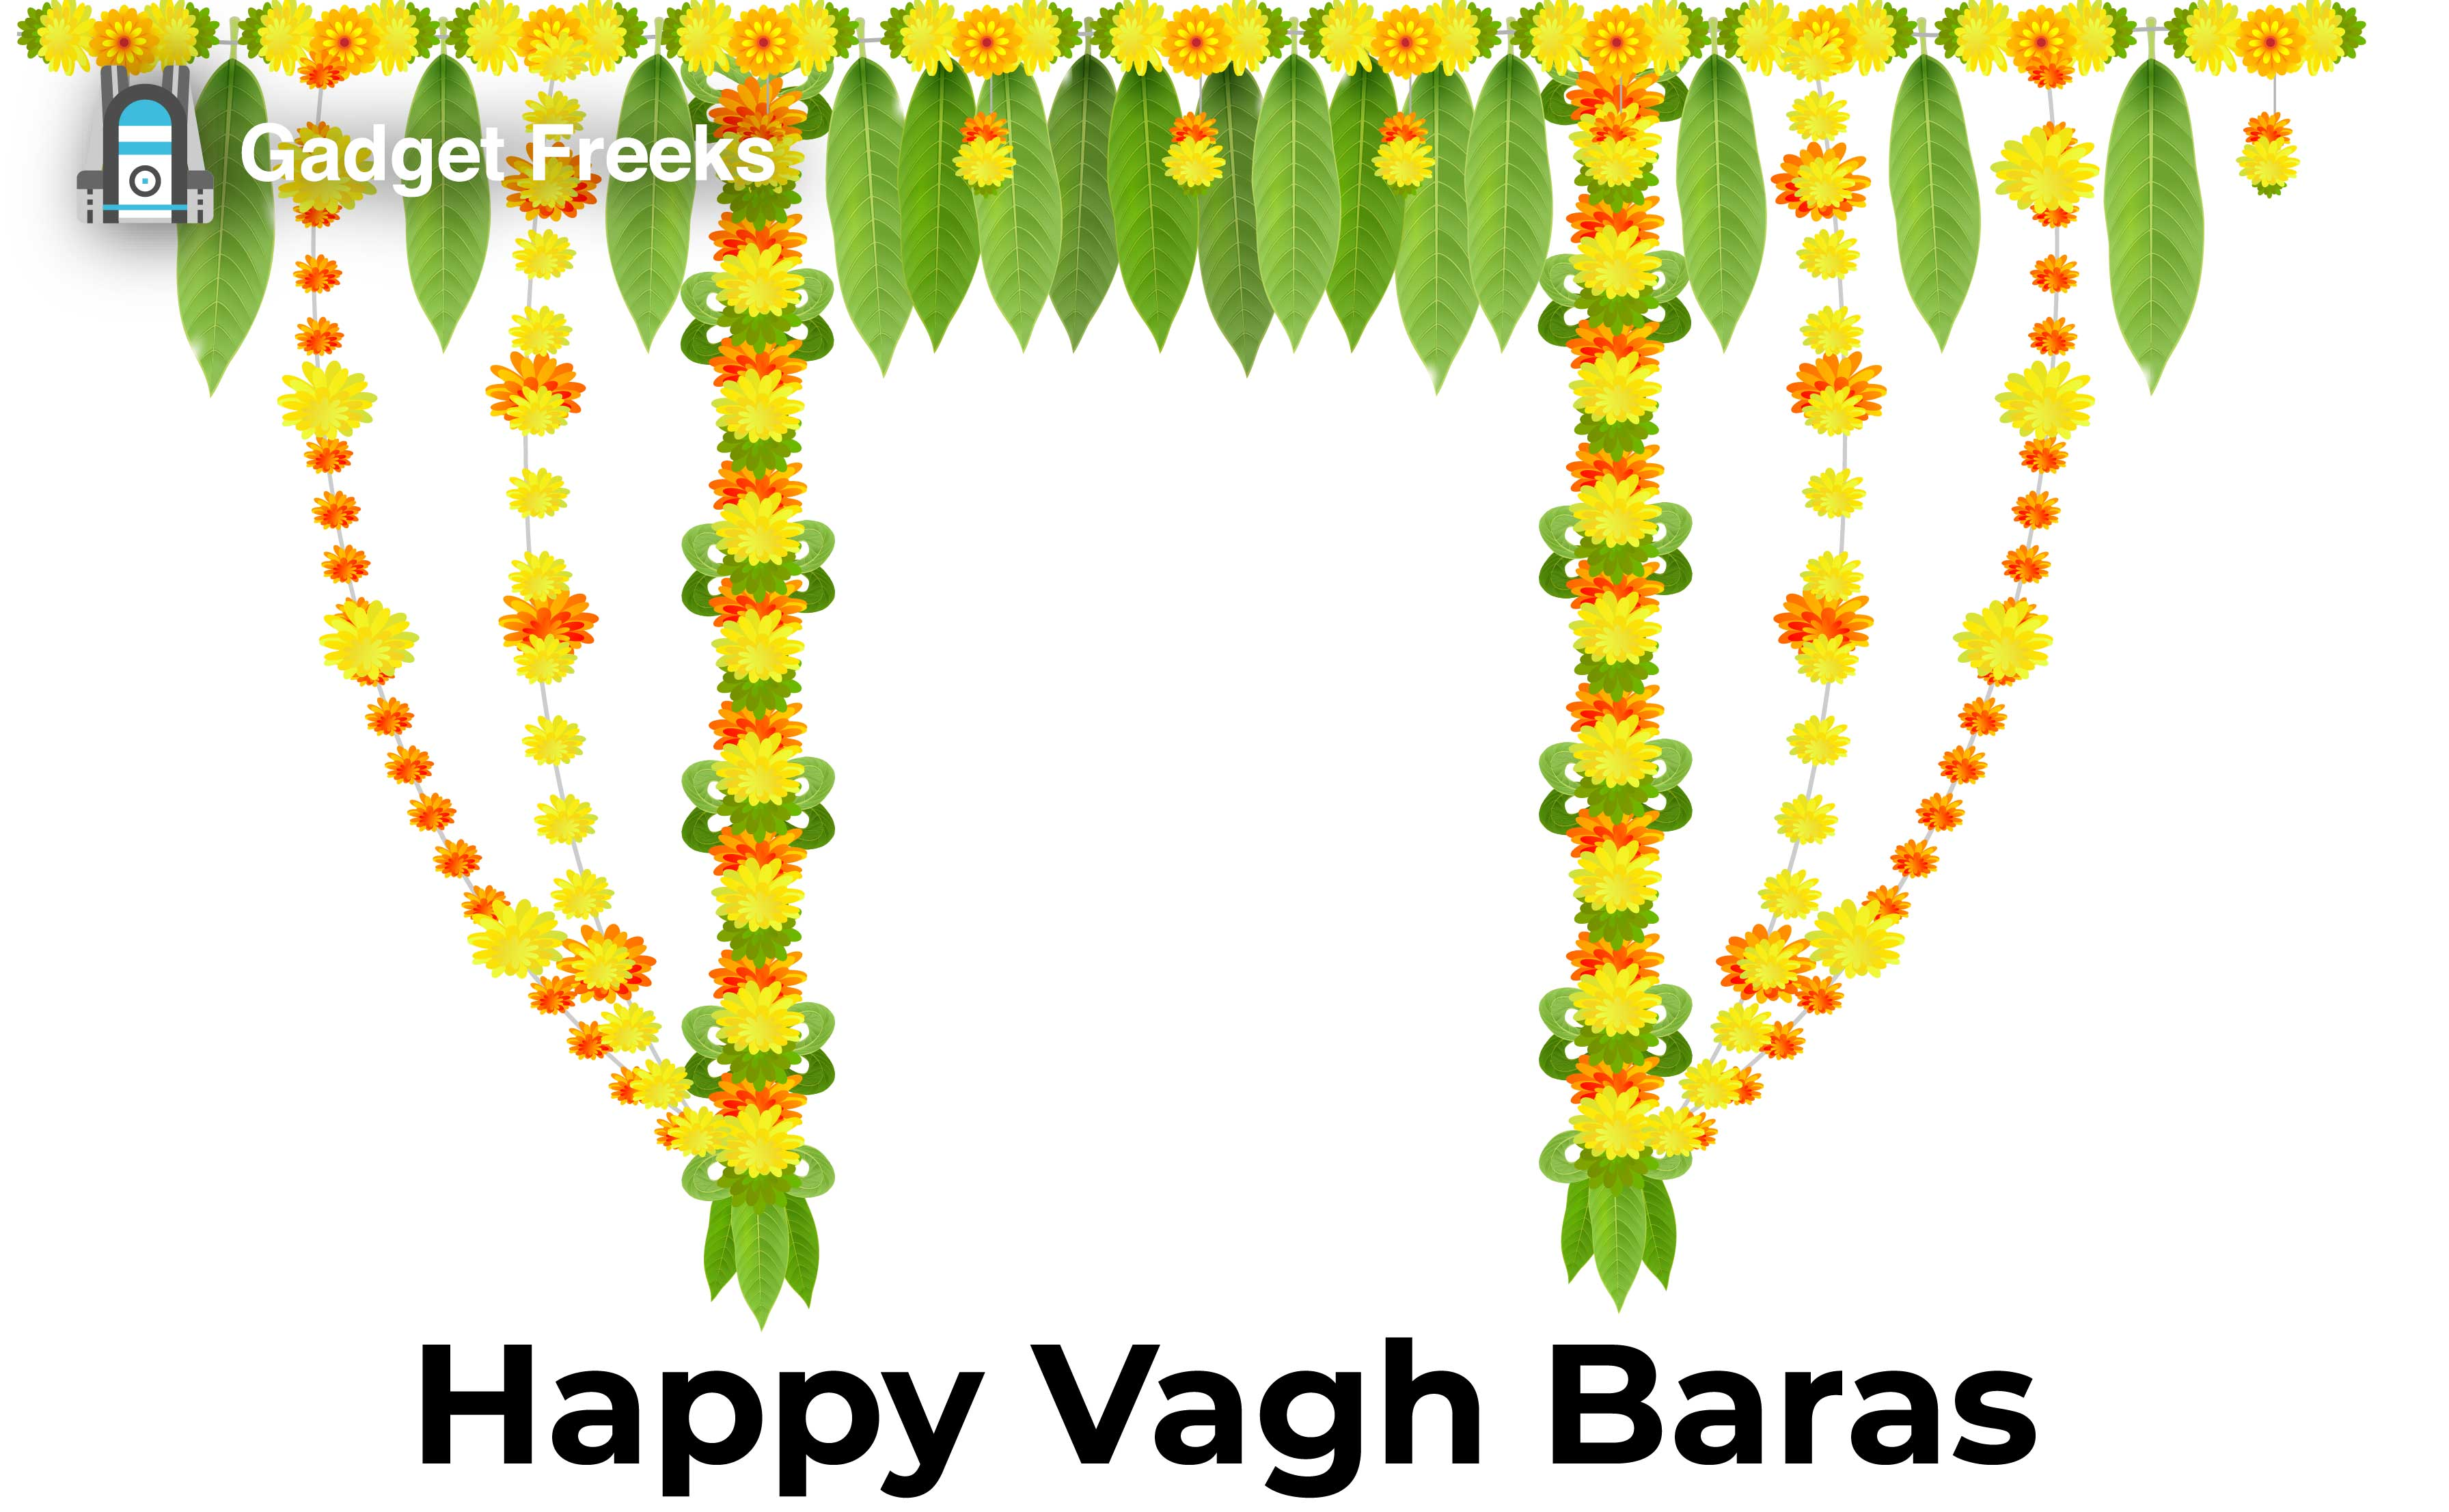 Vagh Baras Photos